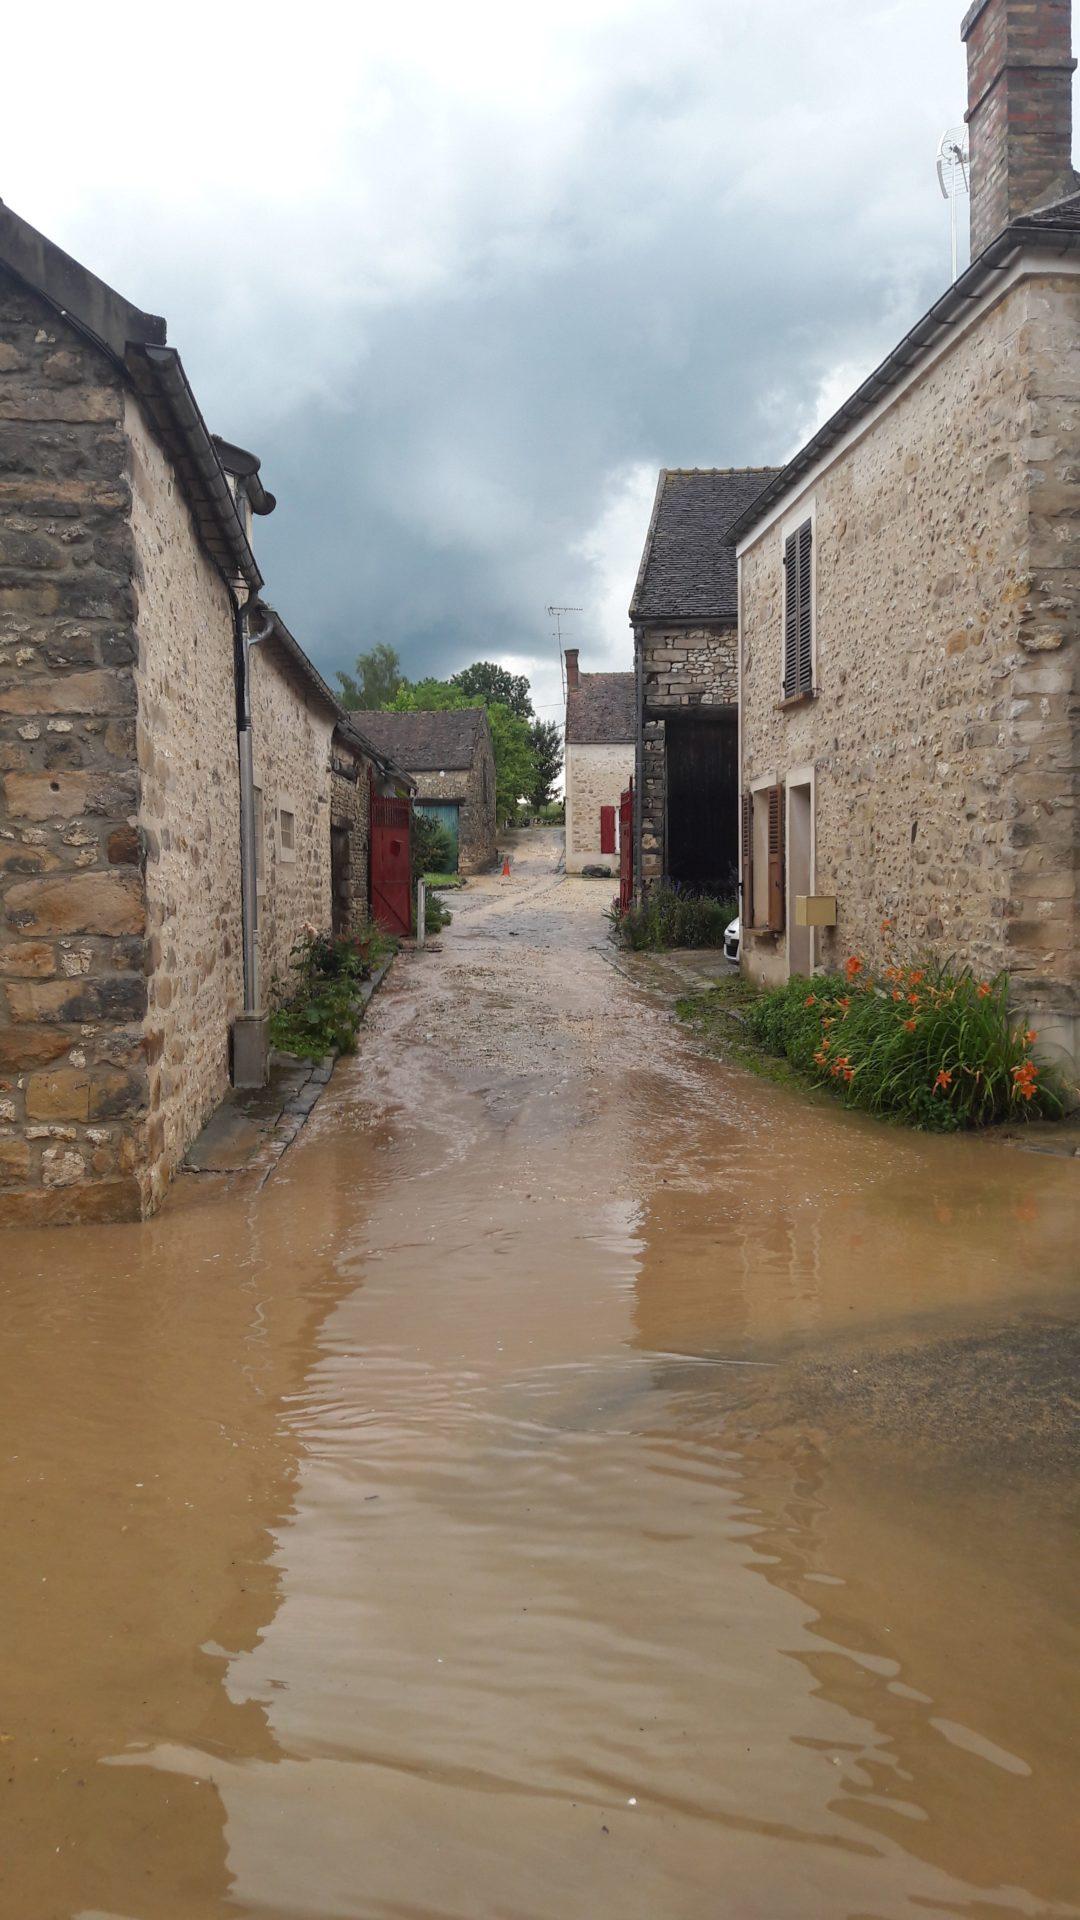 Les origines des inondations dans les bassins versants de l'École et de la Mare-aux-Évées